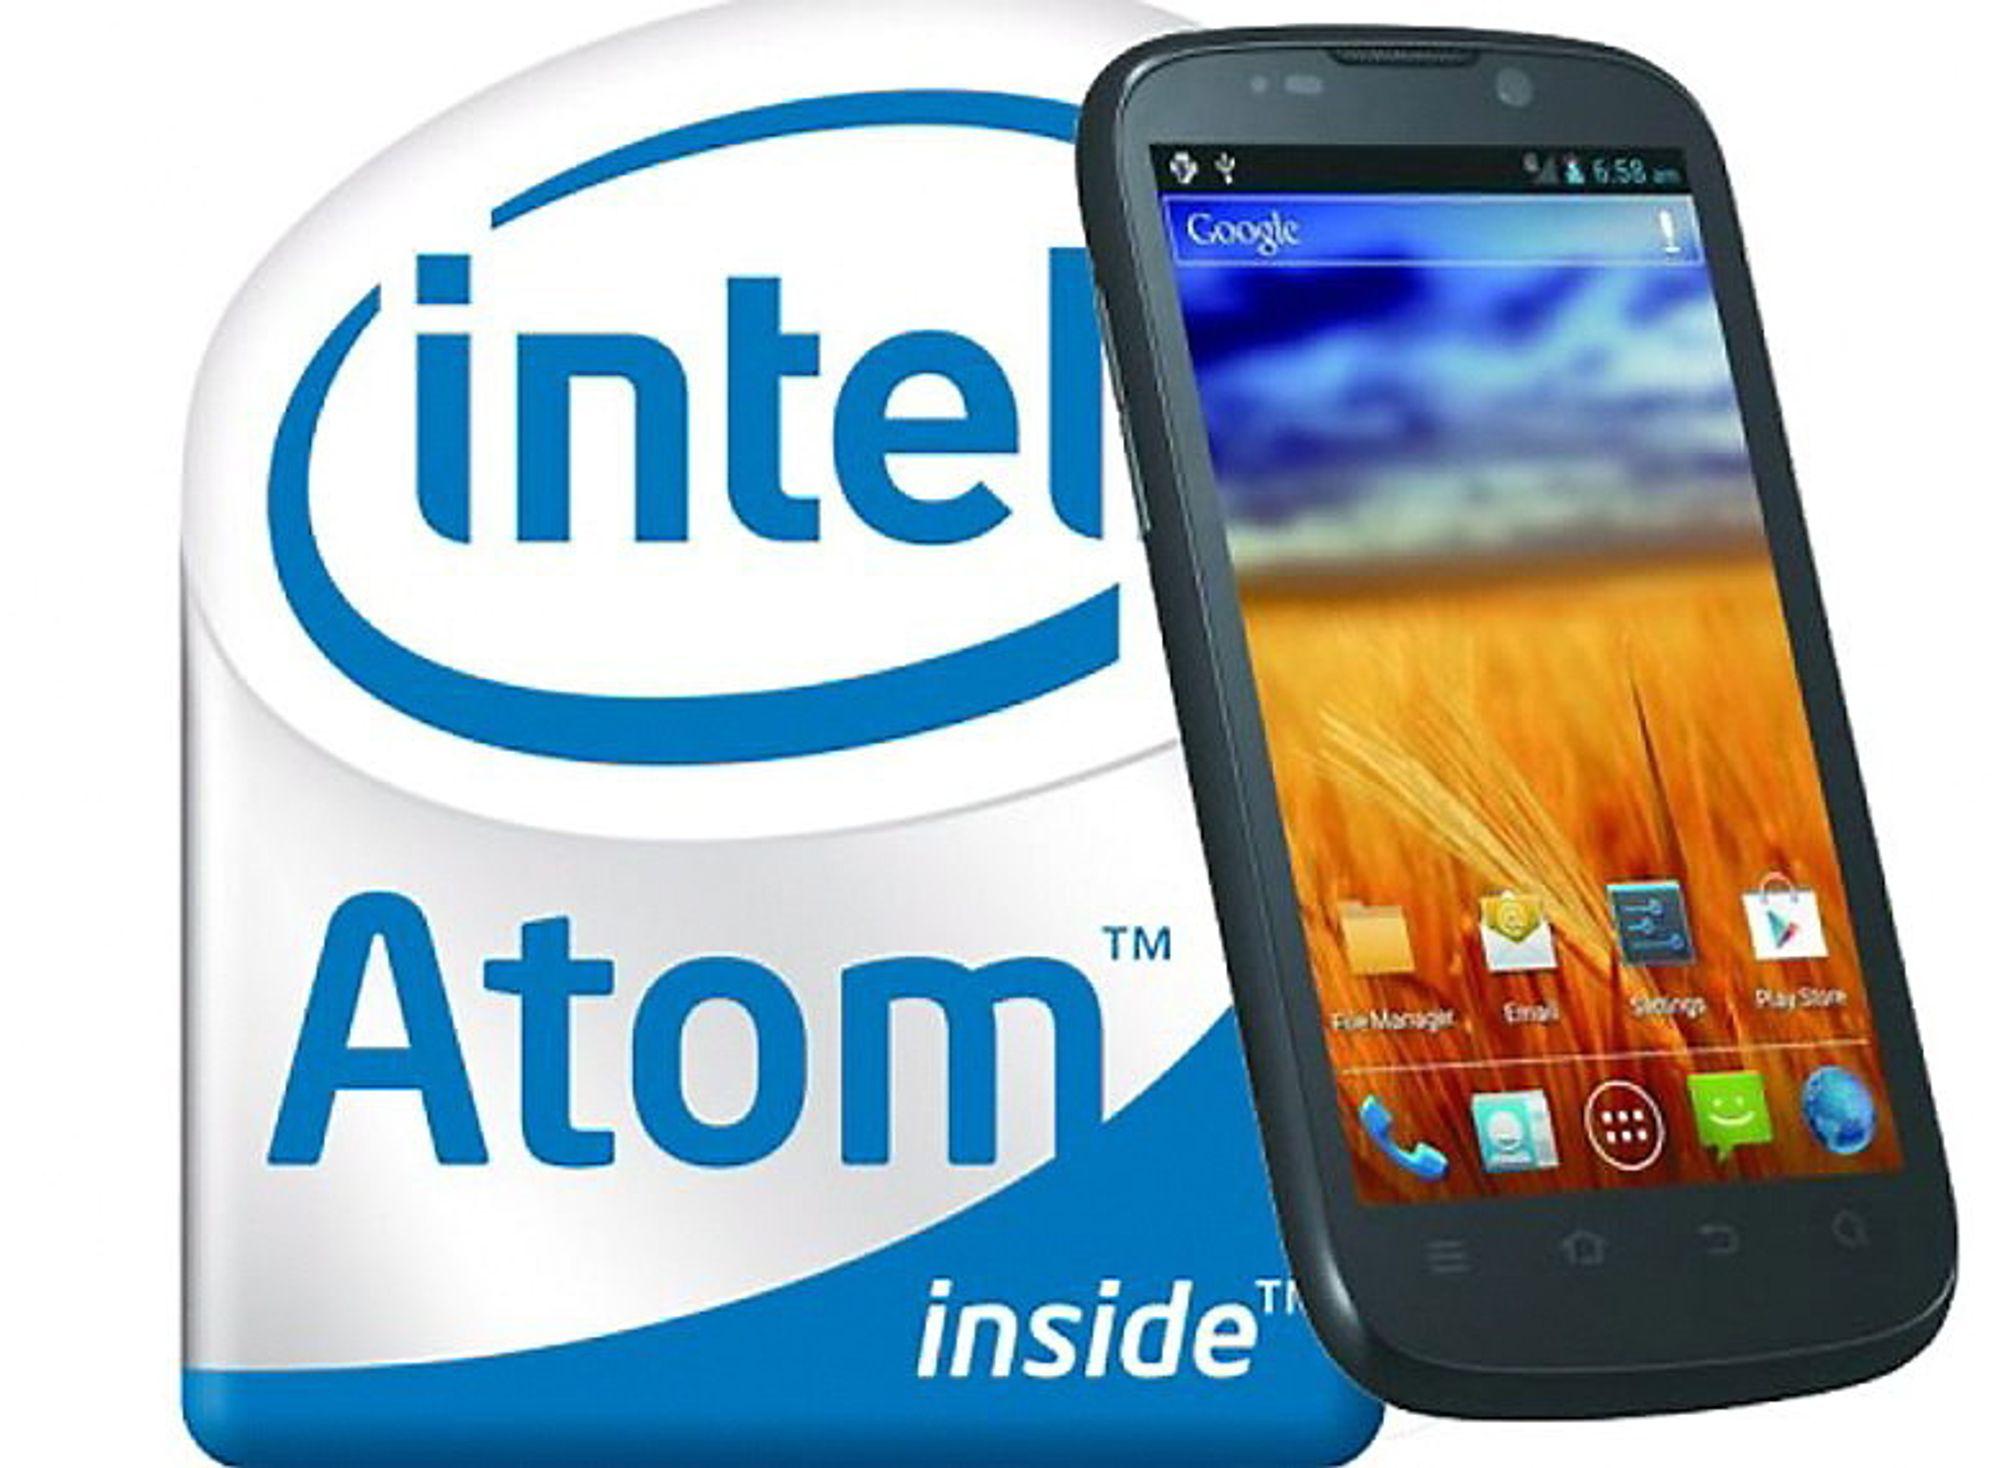 ZTE Grand X IN bruker en Intel Atom Z2460-prosessor på 1,6 GHz. Nå vil Intel ta en større del av smartphone-markedet.